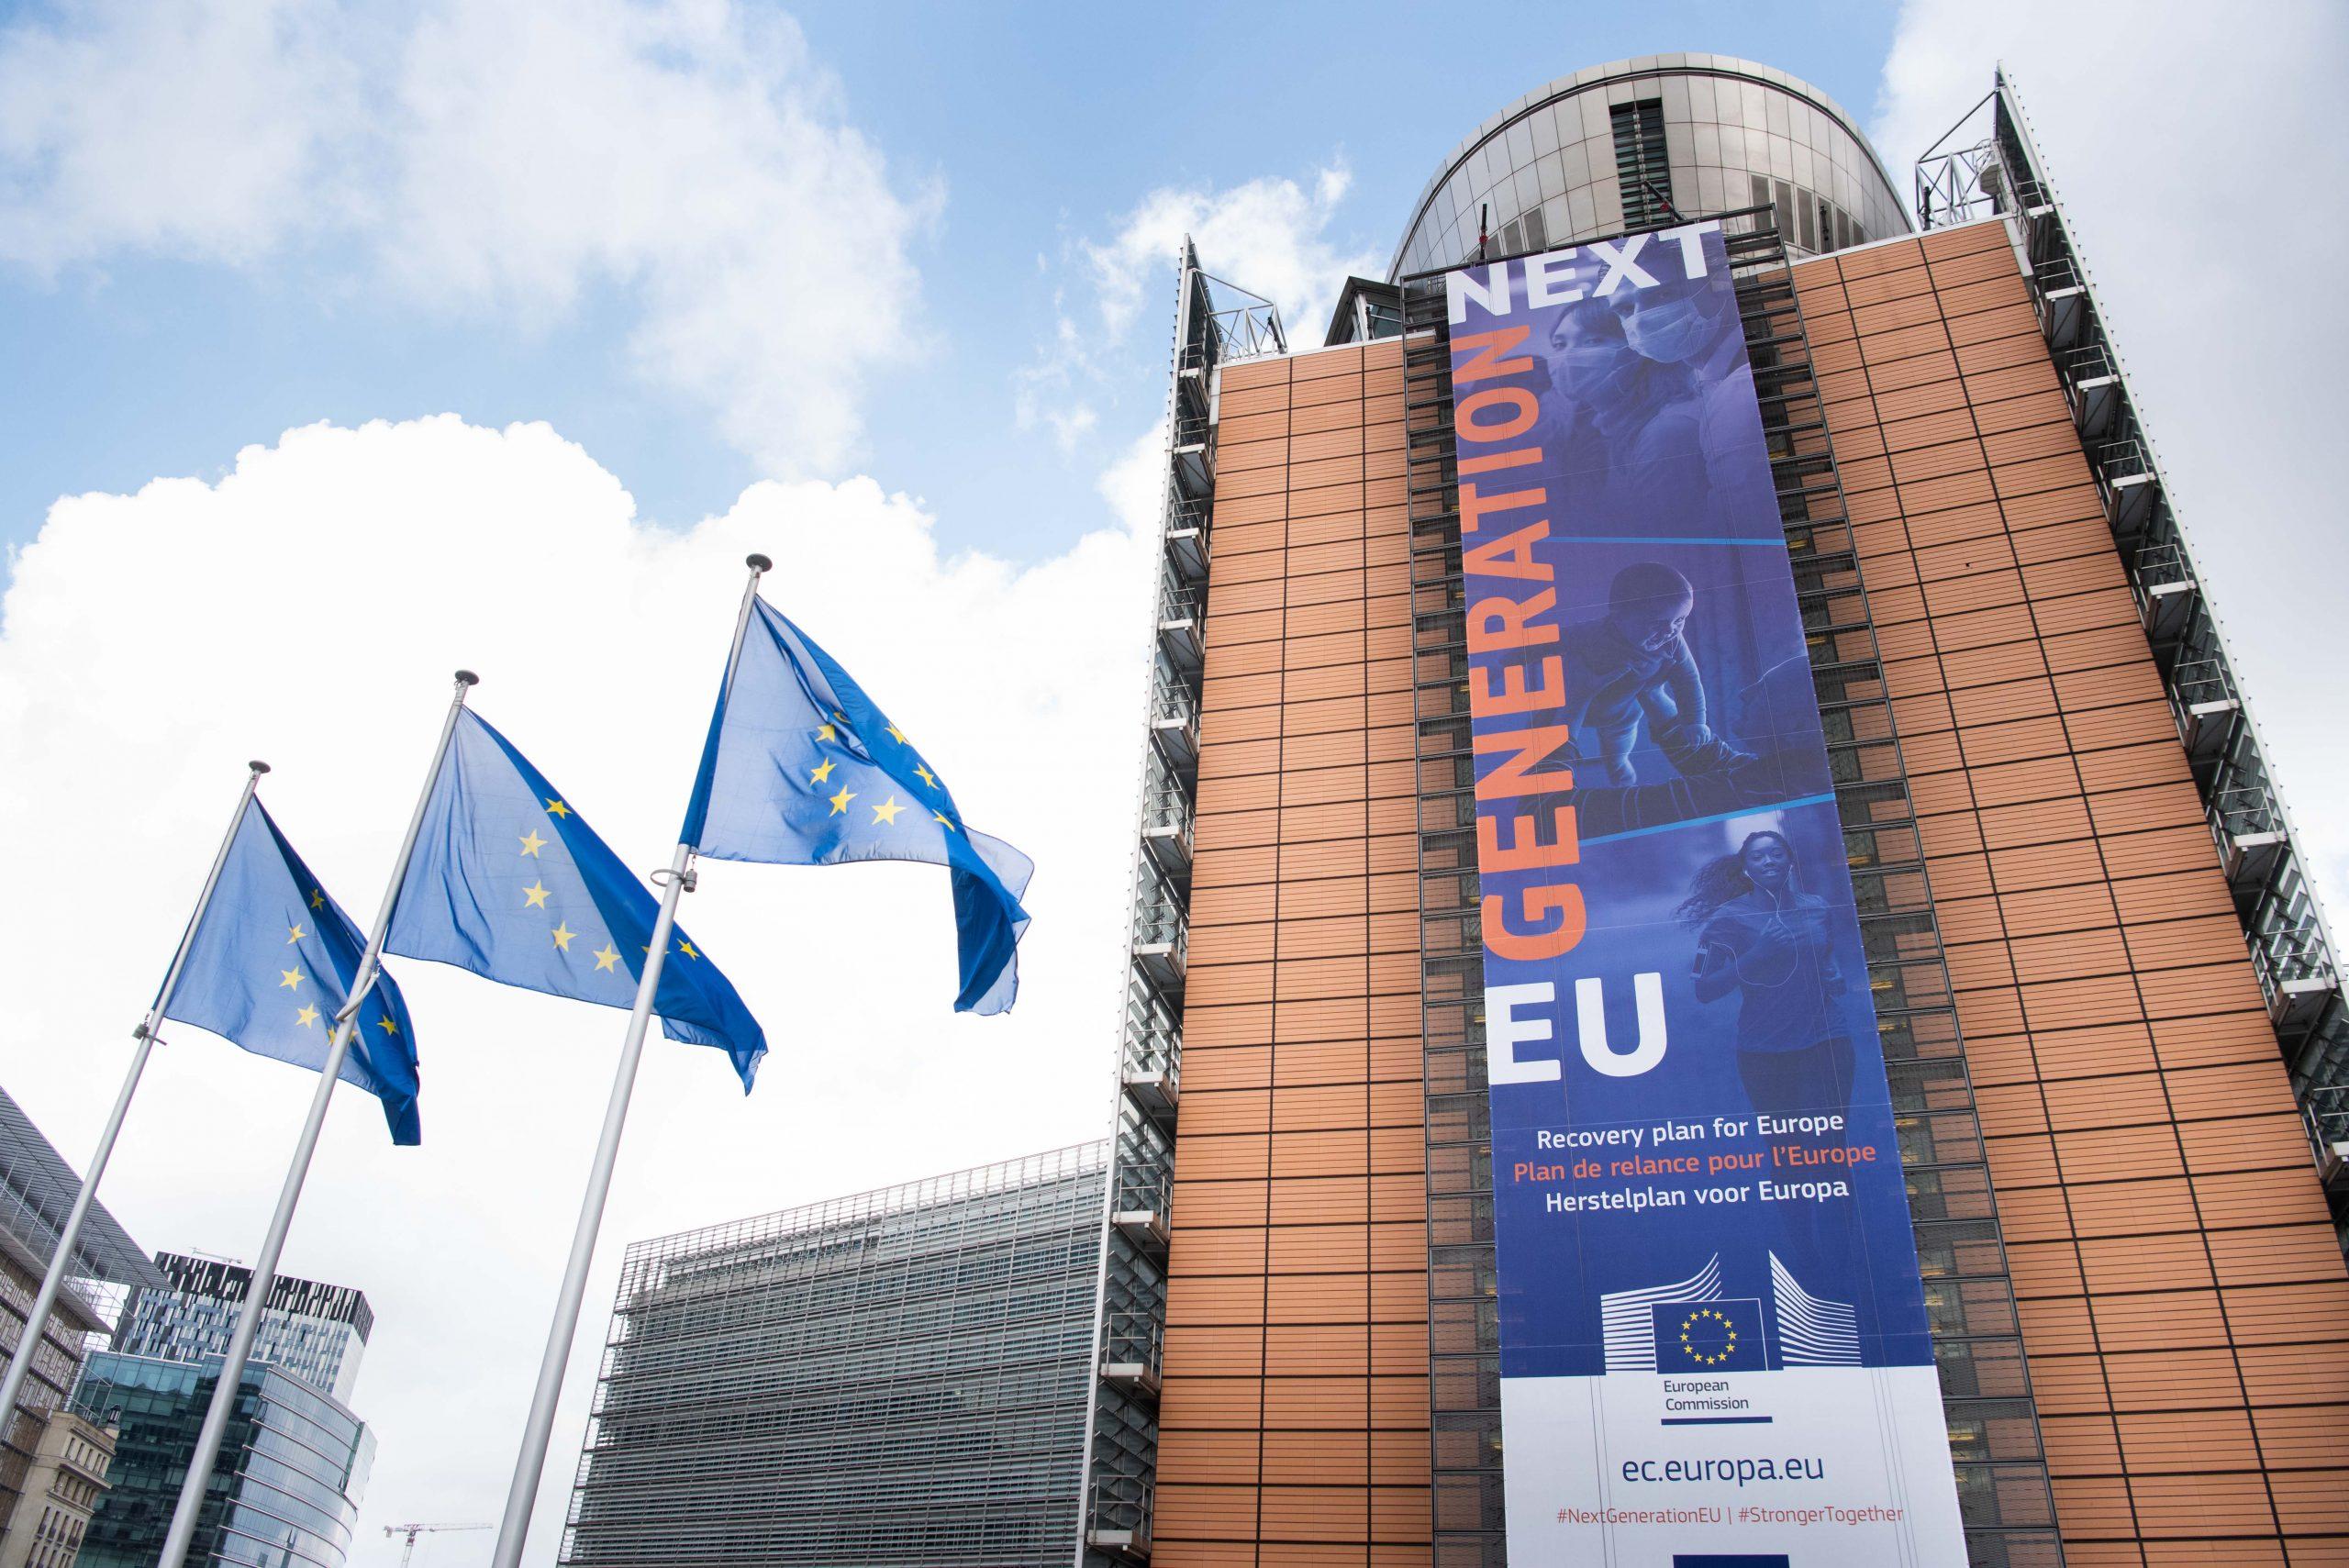 Next Generation EU: el Plan Europeo de Recuperación para frenar la crisis económica